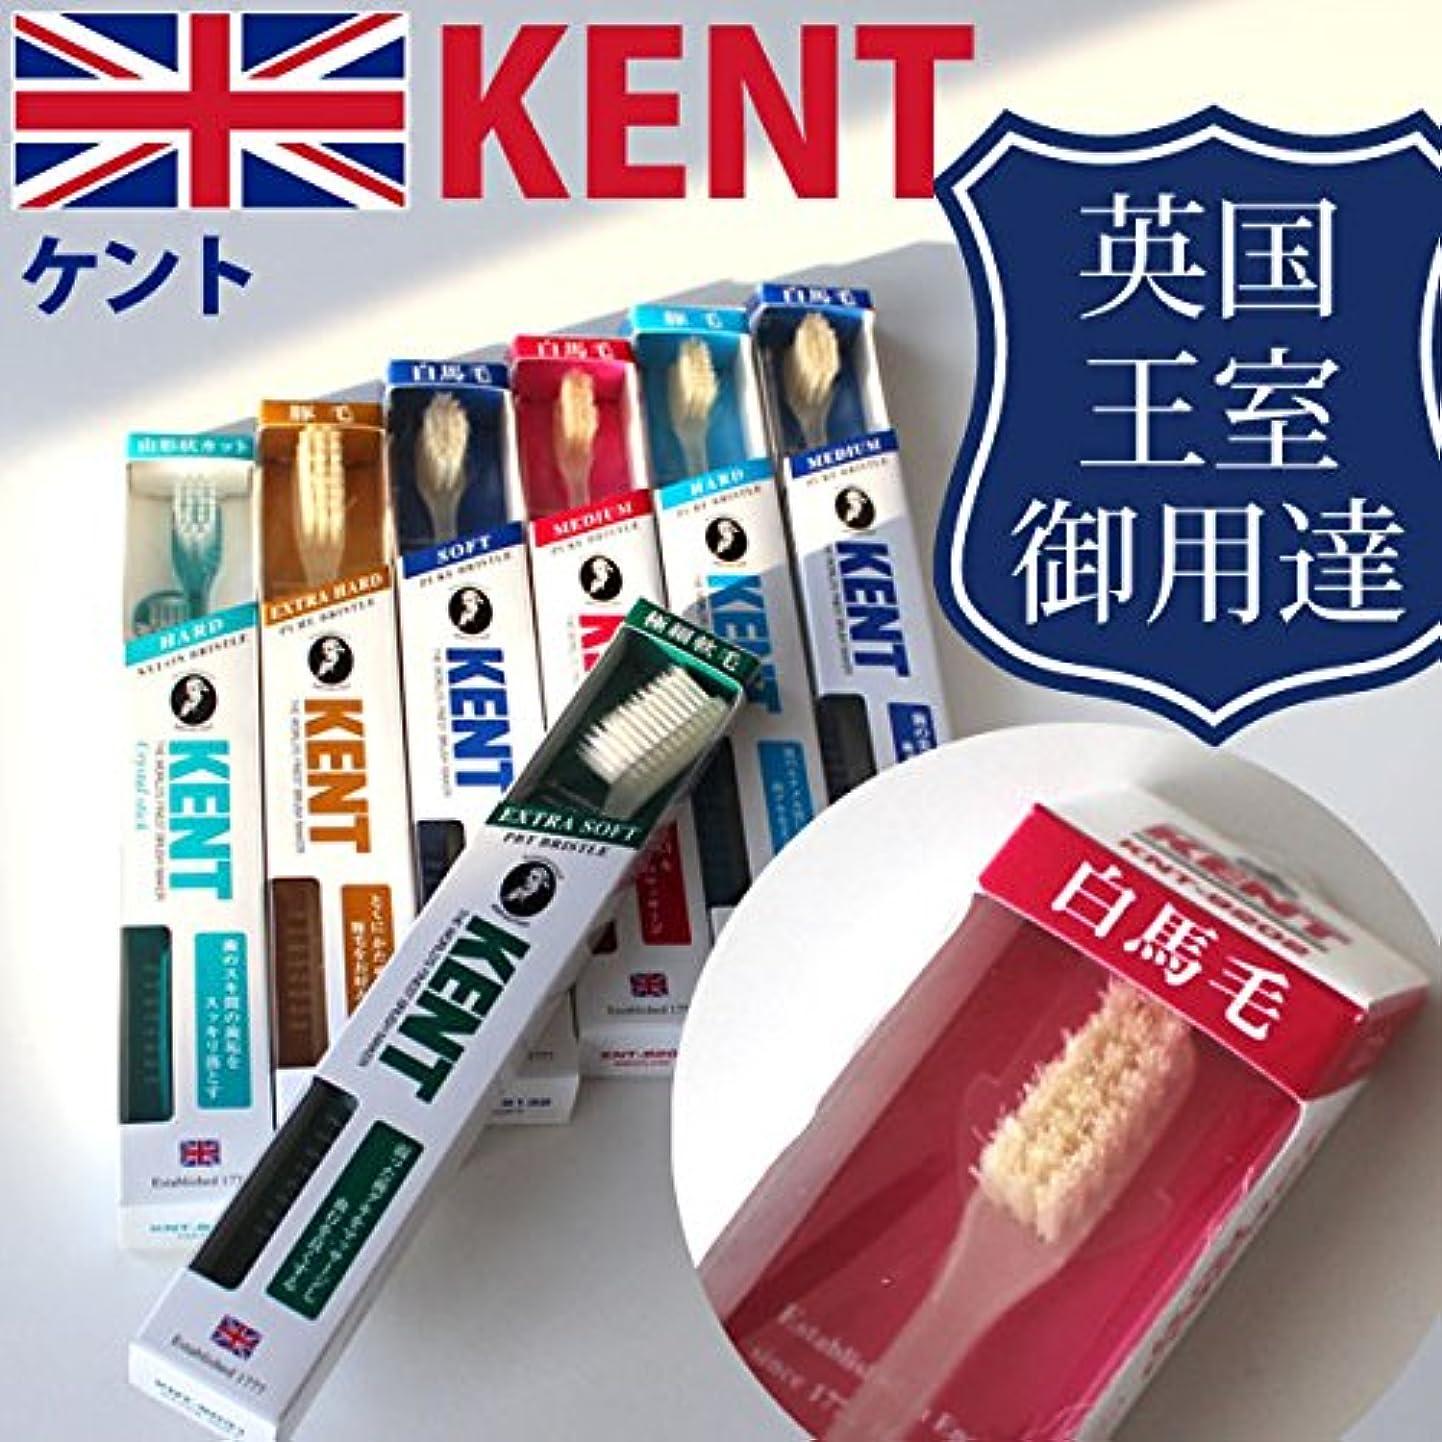 アブセイ充実消化器ケント KENT 白馬毛 超コンパクト歯ブラシ KNT-9102/9202 6本入り 他のコンパクトヘッドに比べて歯 やわらかめ